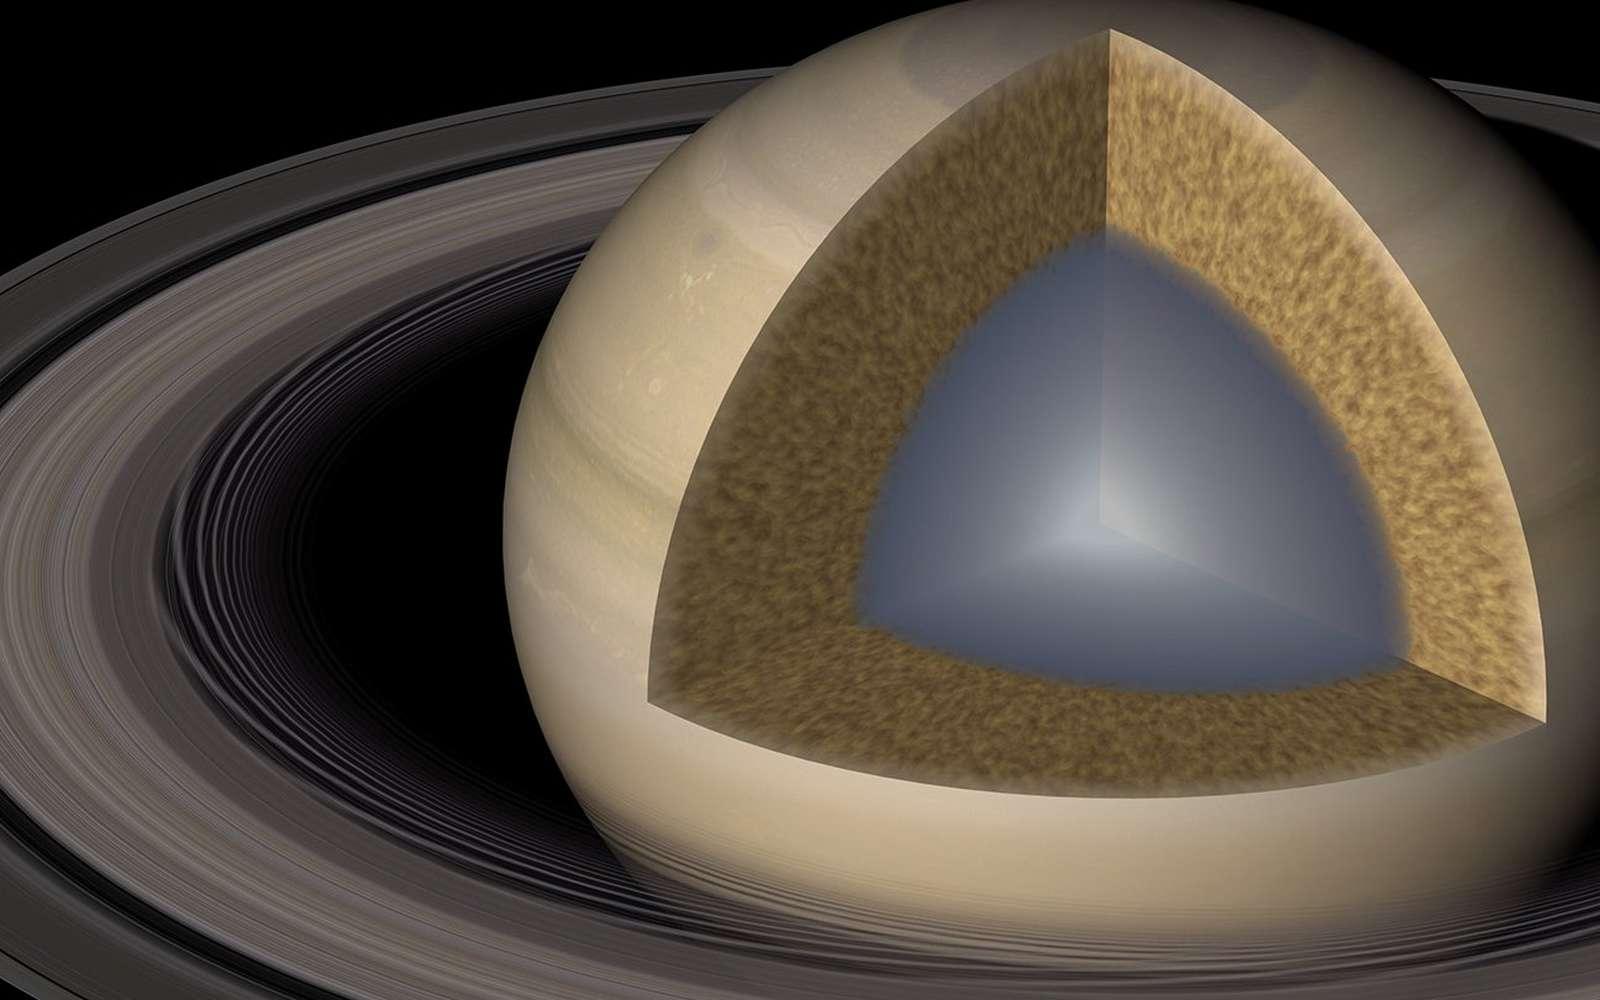 Une vue d'artiste de Saturne et de son intérieur selon le modèle proposé dans une publication récente. © Caltech/R. Hurt (IPAC)